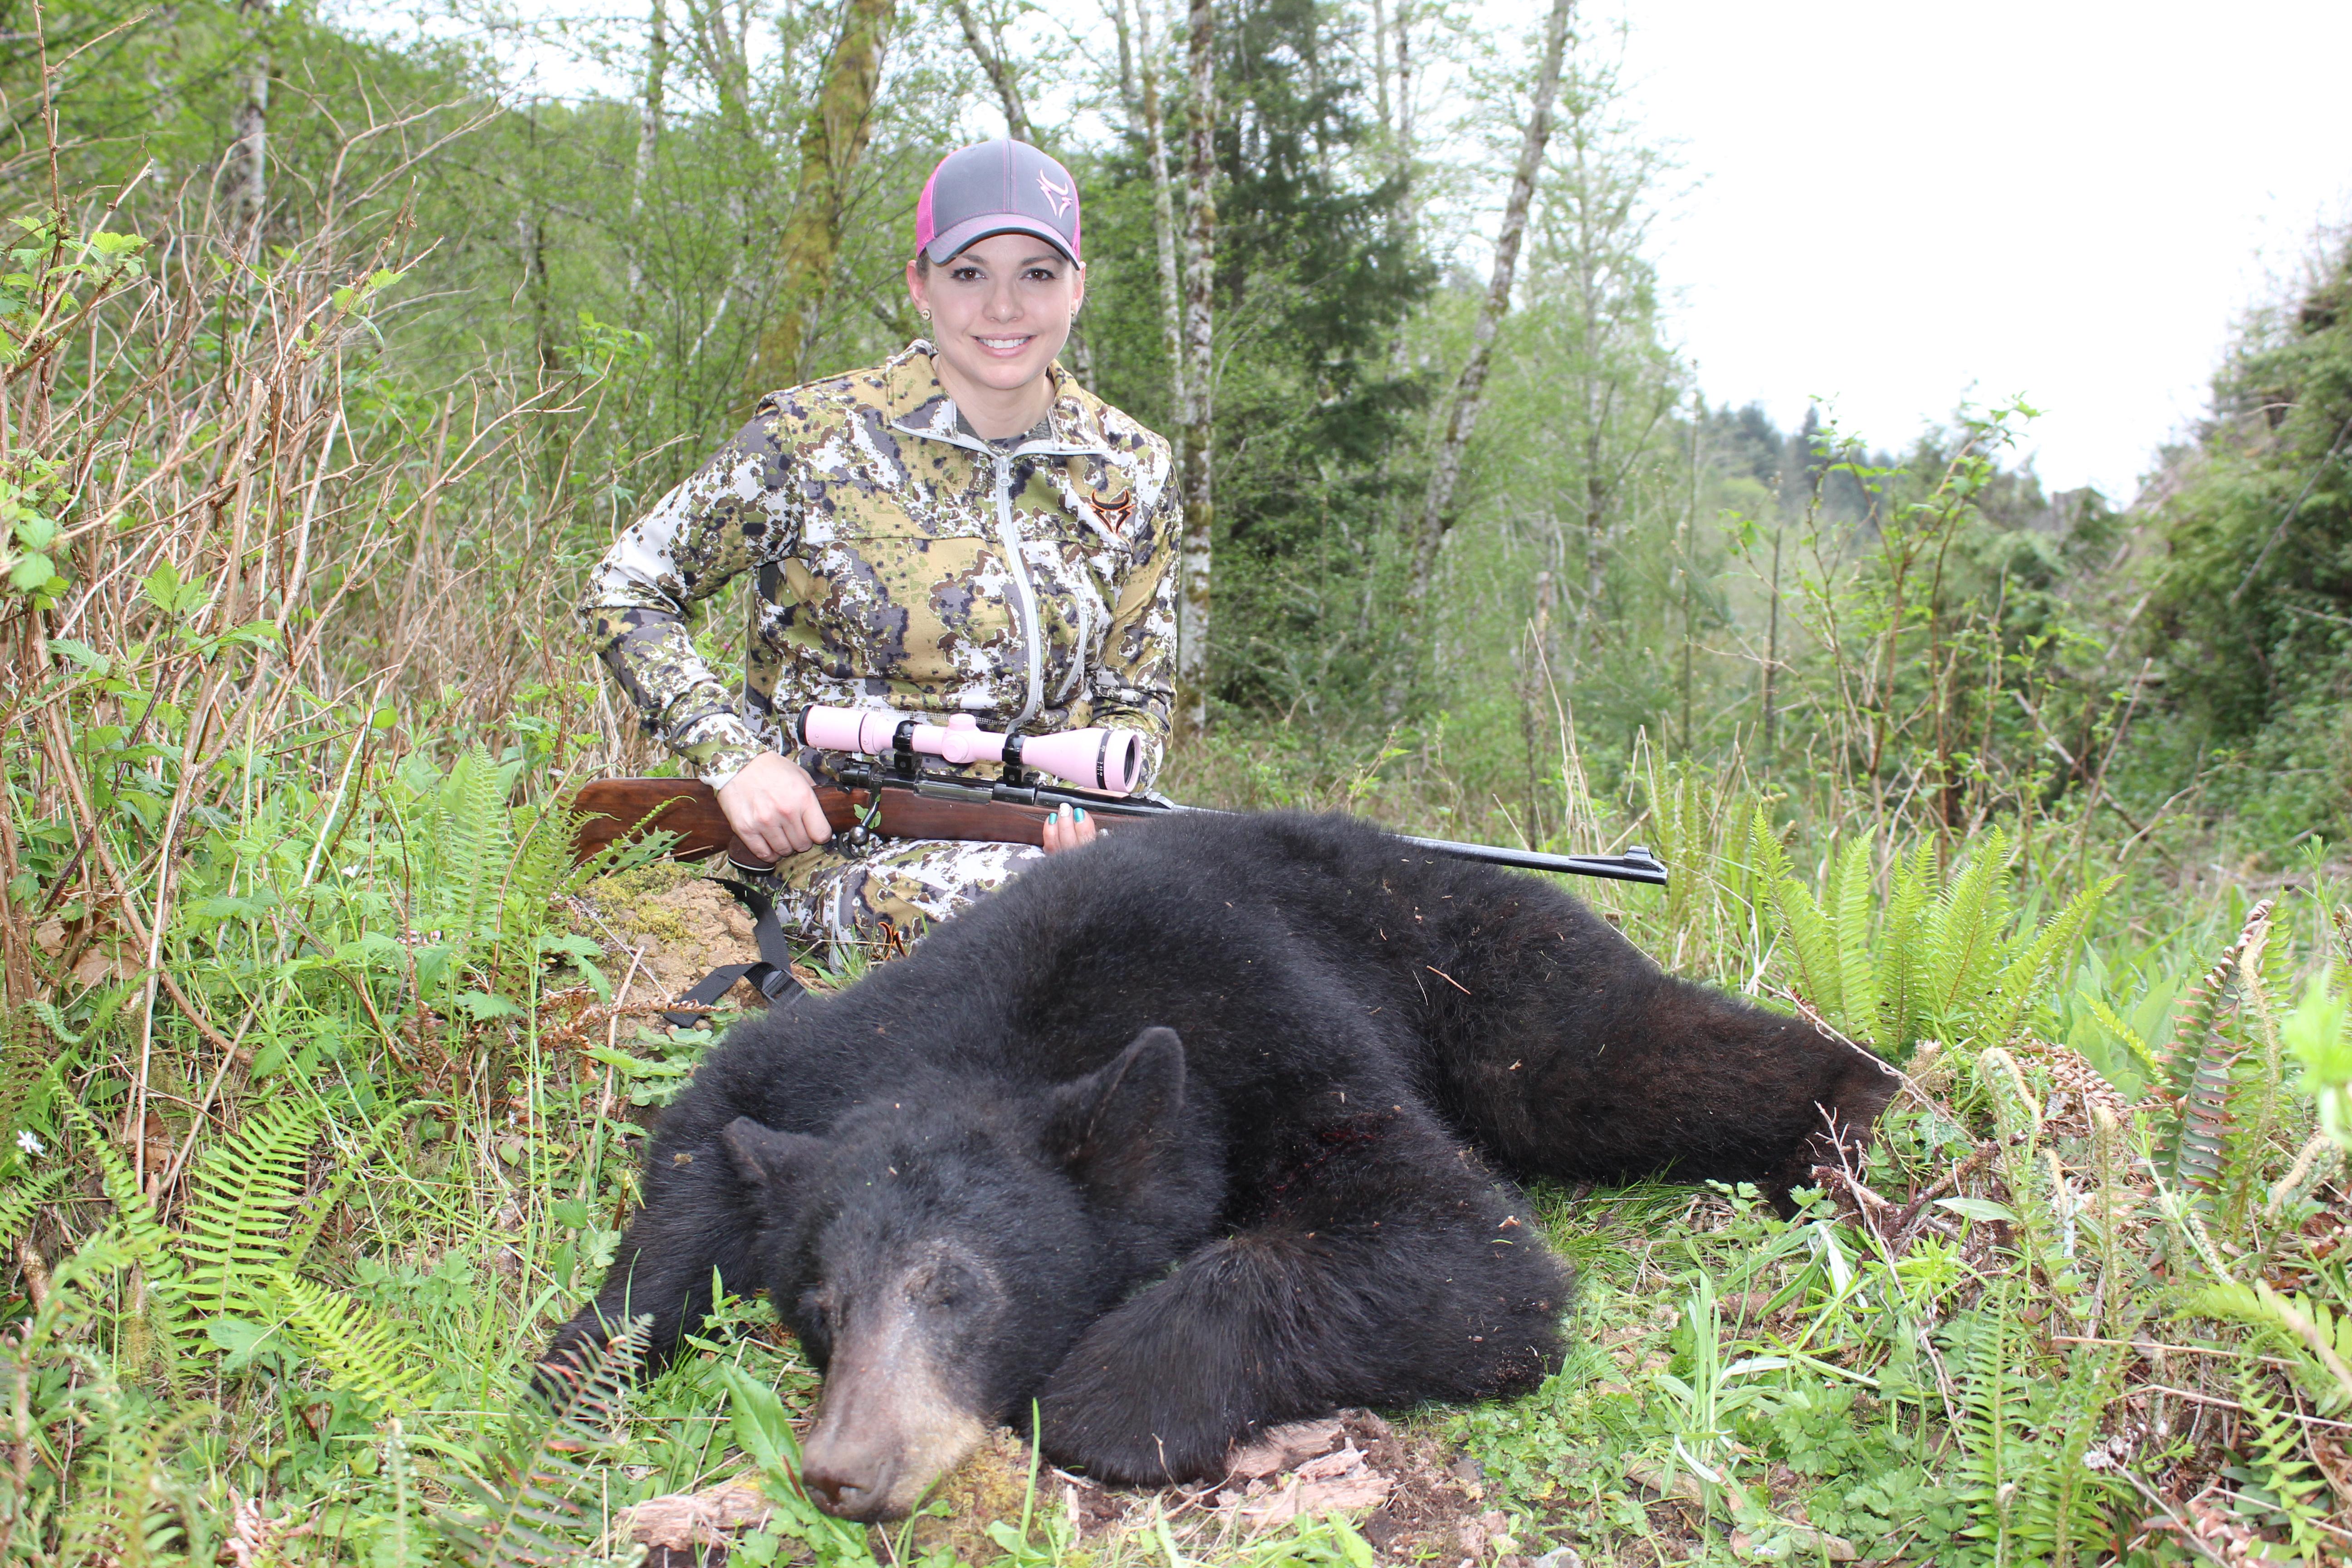 Black bear hunting video #9